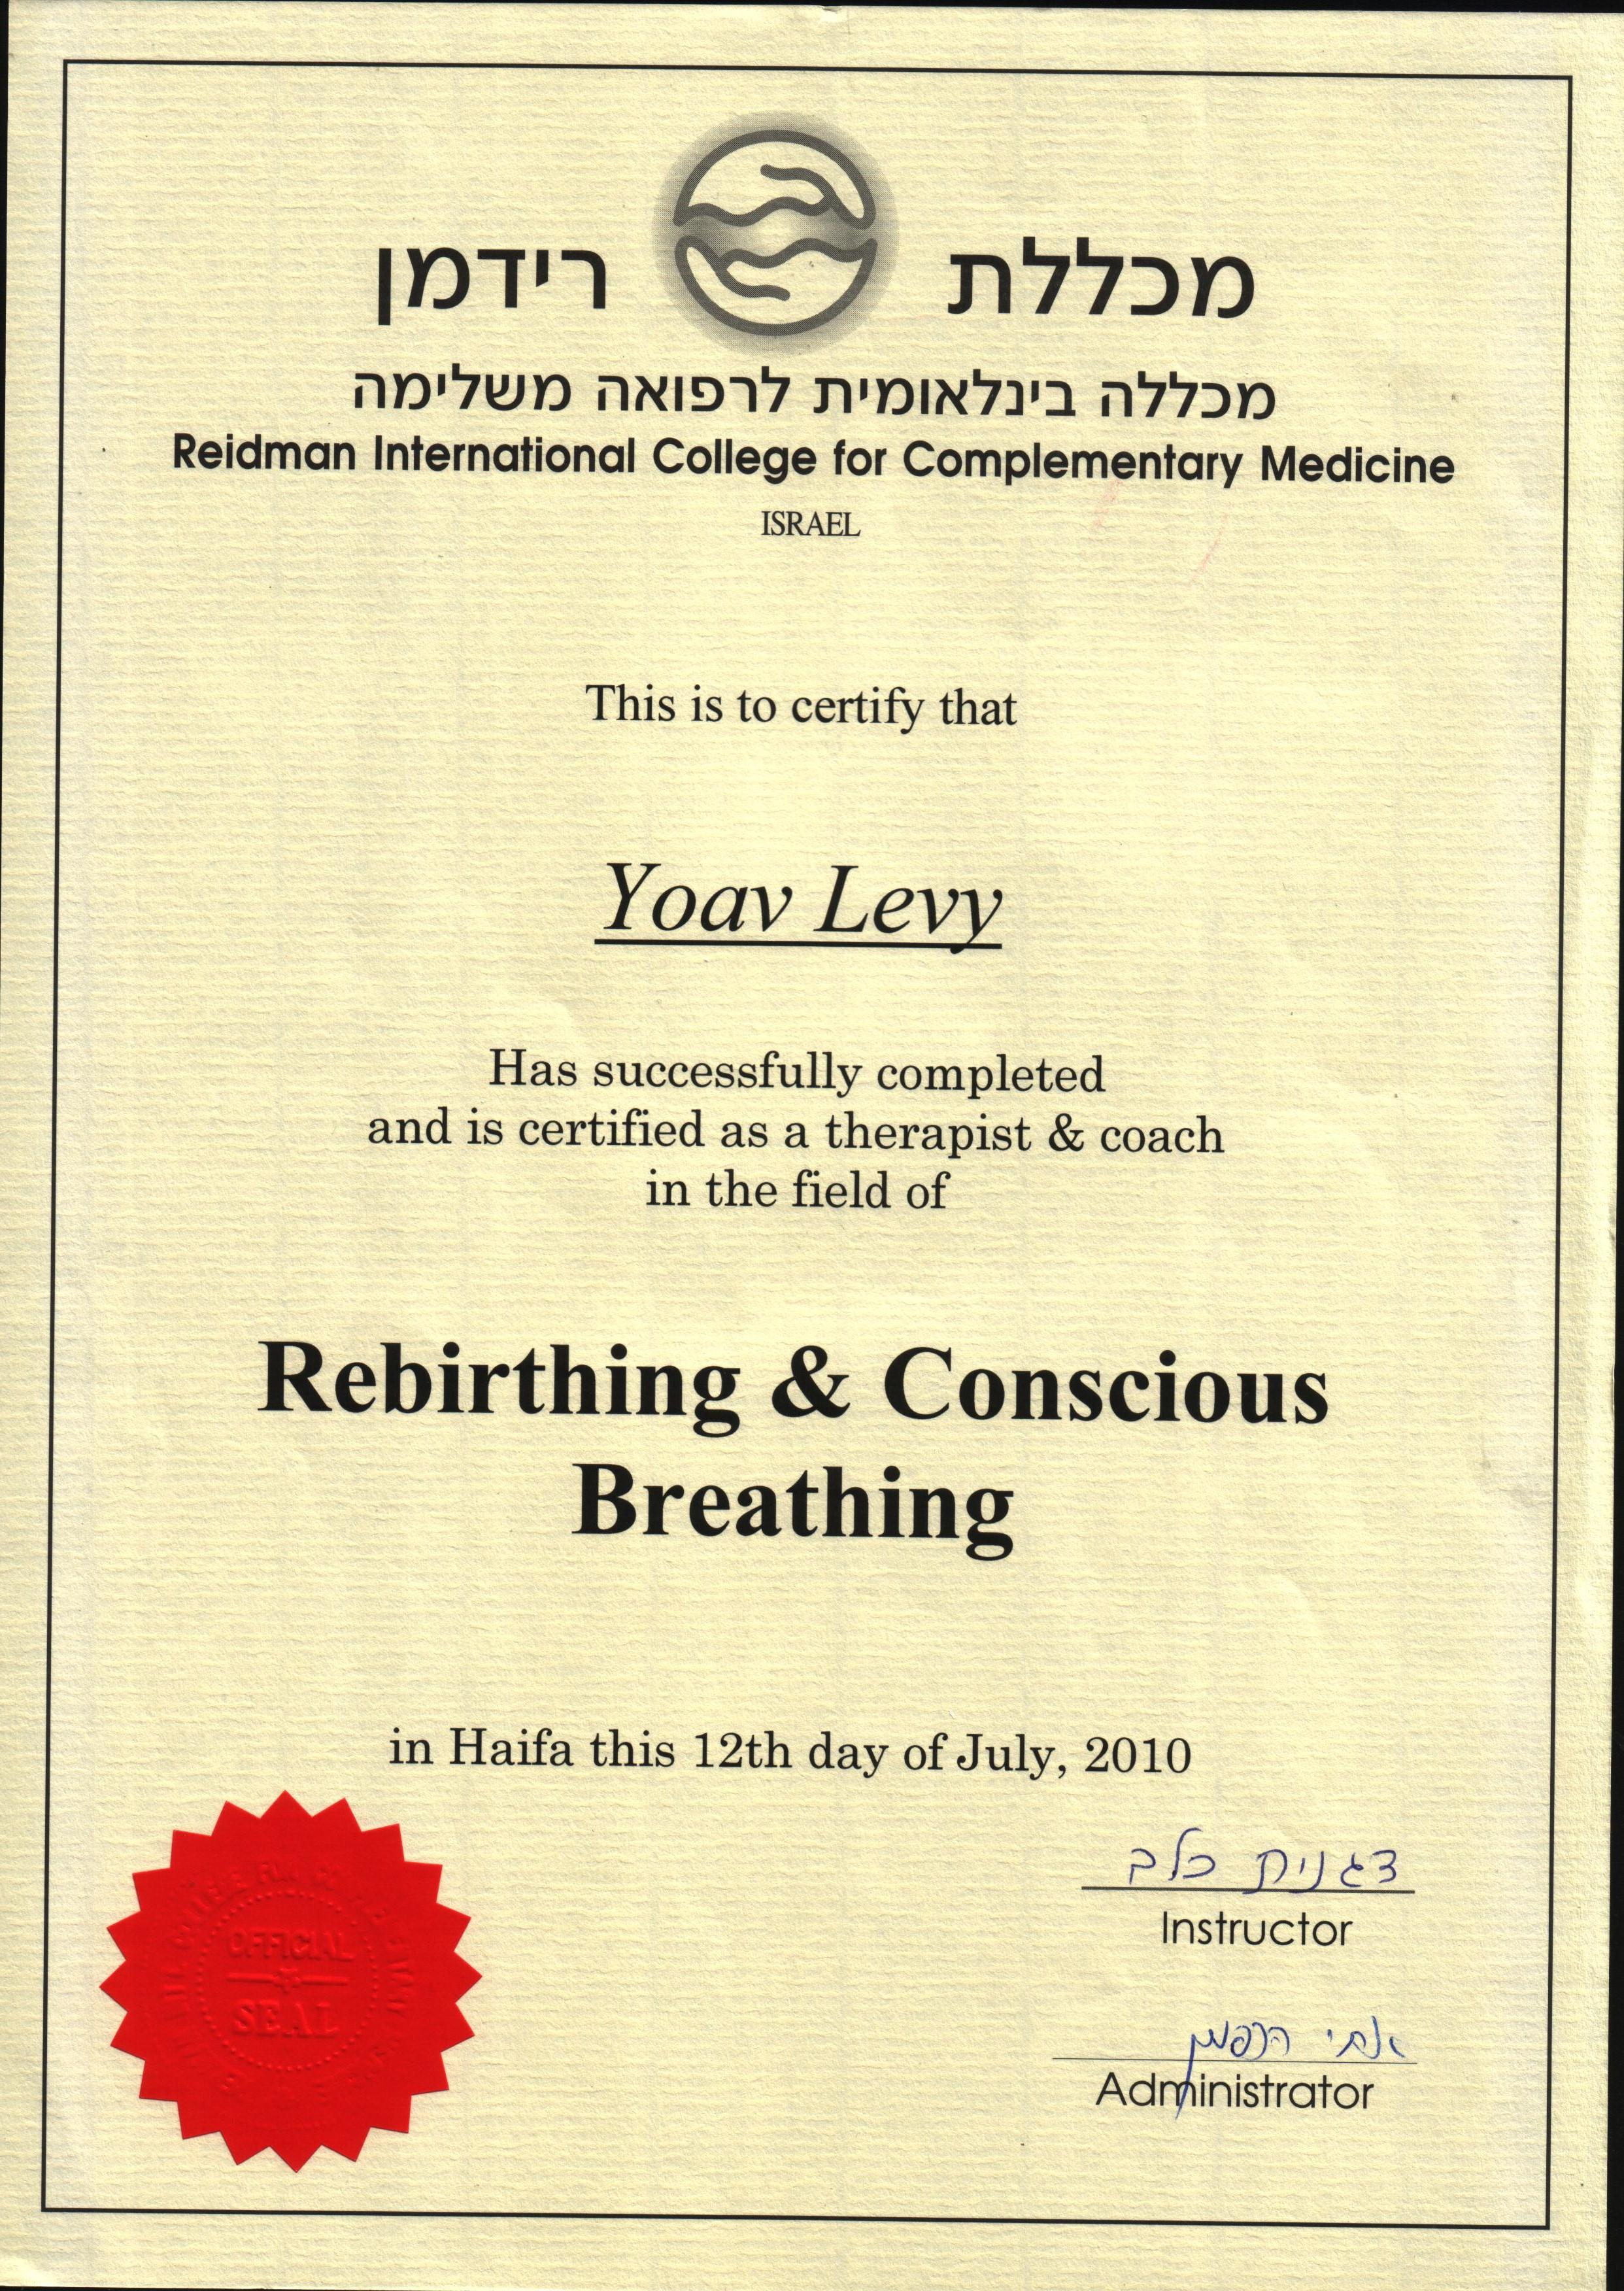 ריברסינג ונשימה מודעת - יואב לוי